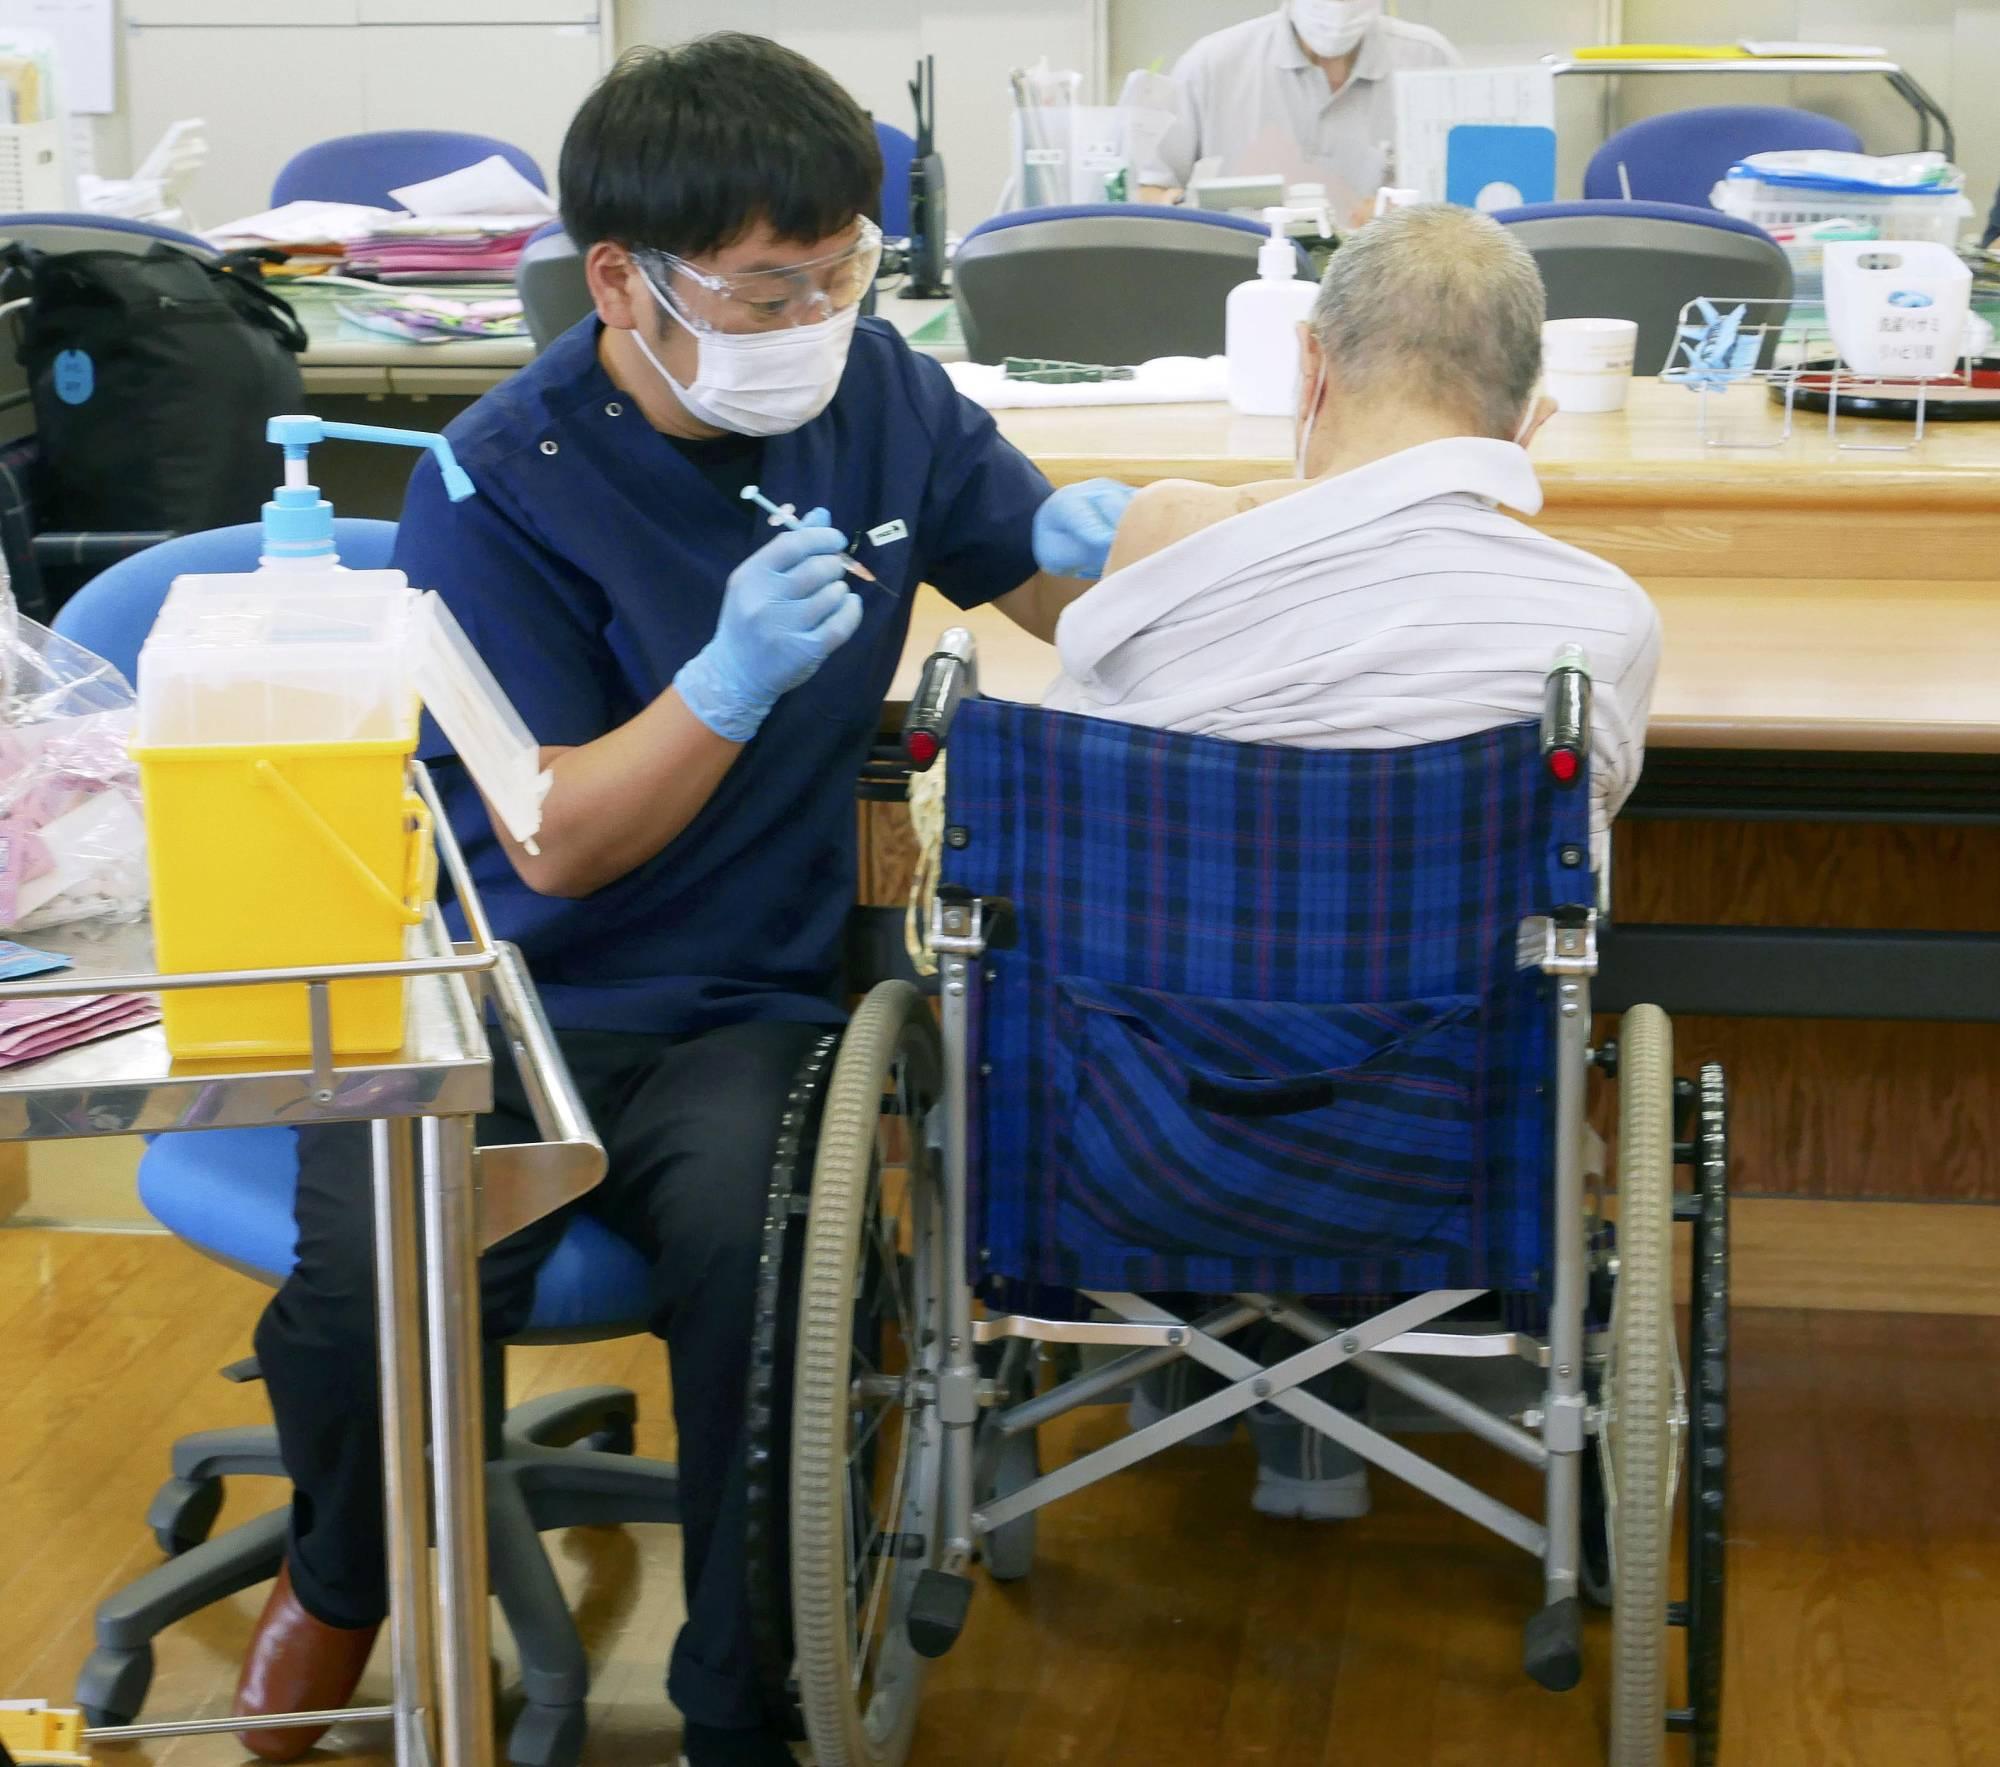 Tỷ lệ tử vong do COVID-19 ổ Nhật Bản trong những tháng gần đây người dưới 60 tăng gấp 5 lần